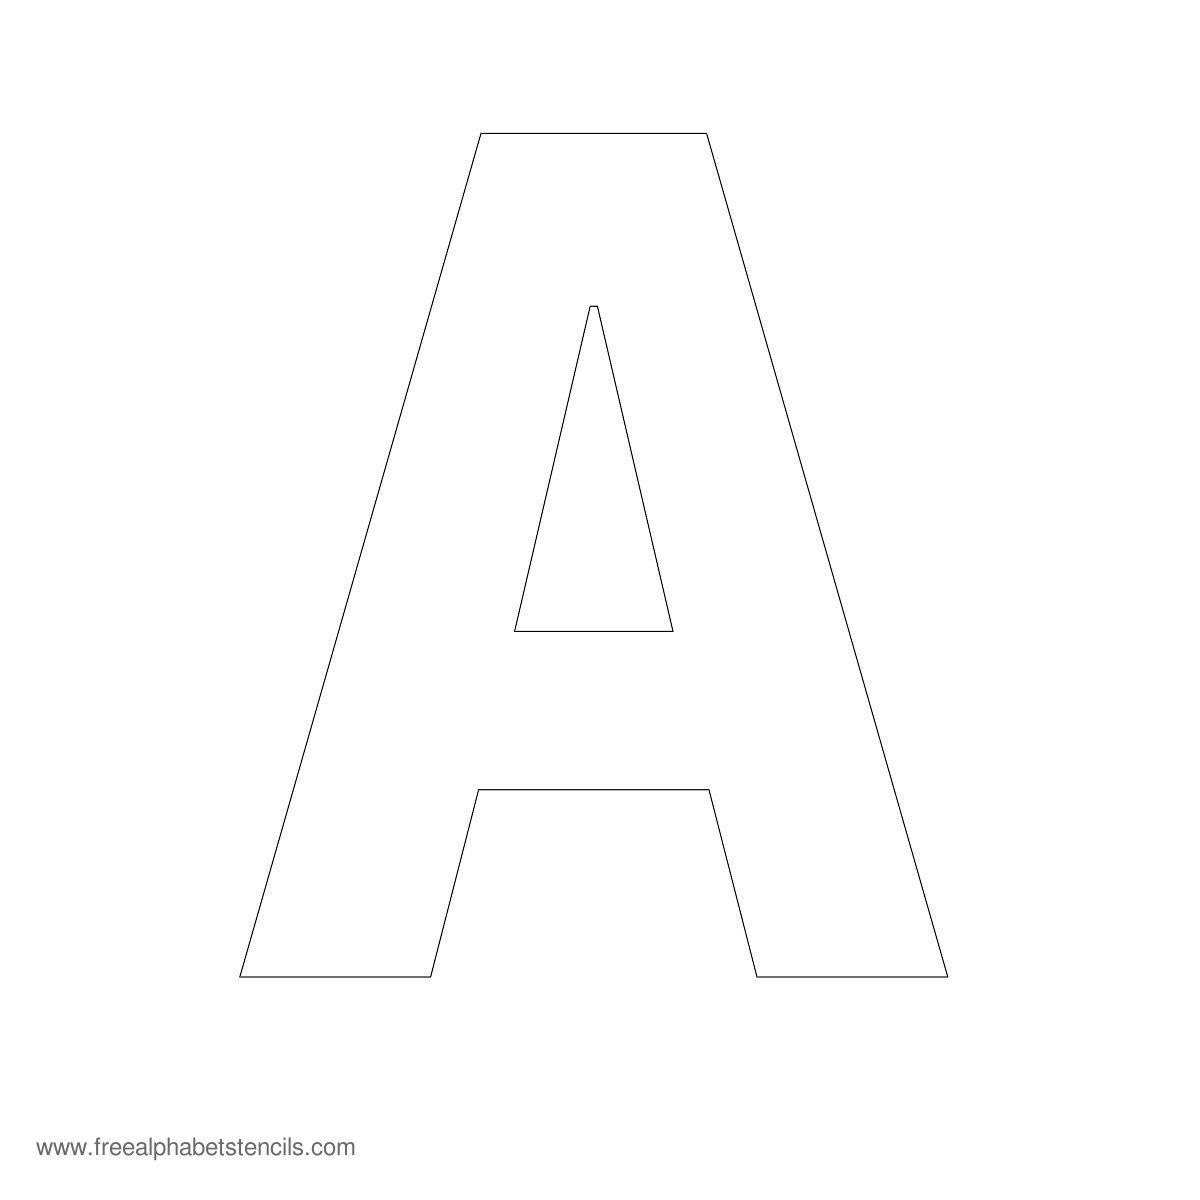 Large Alphabet Stencils | Freealphabetstencils - Free Printable Alphabet Stencils To Cut Out